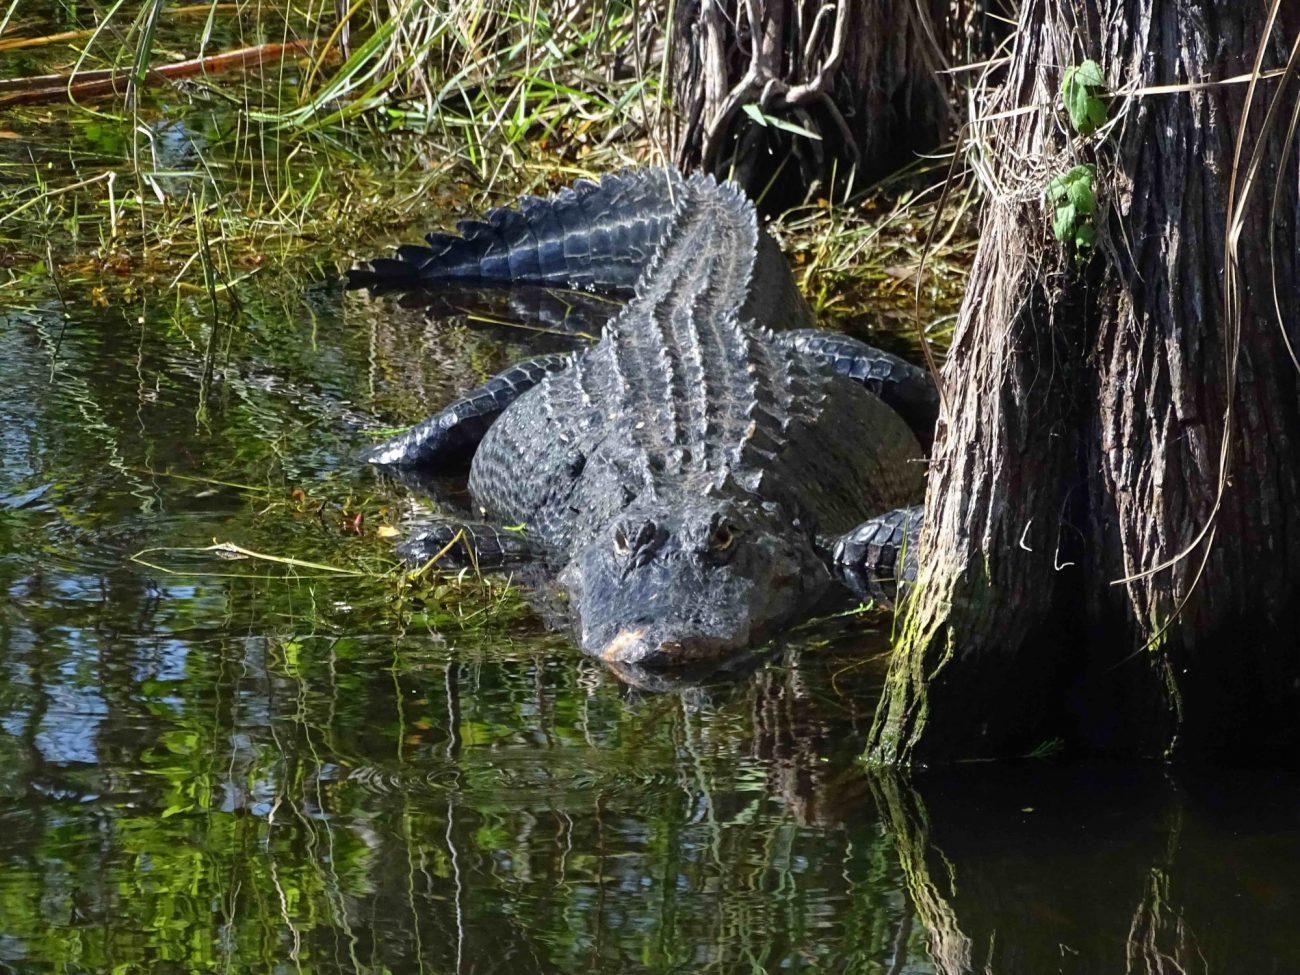 visiter miami en famille visiter les everglades en français les everglades en famille airboat alligator tortue miami off road